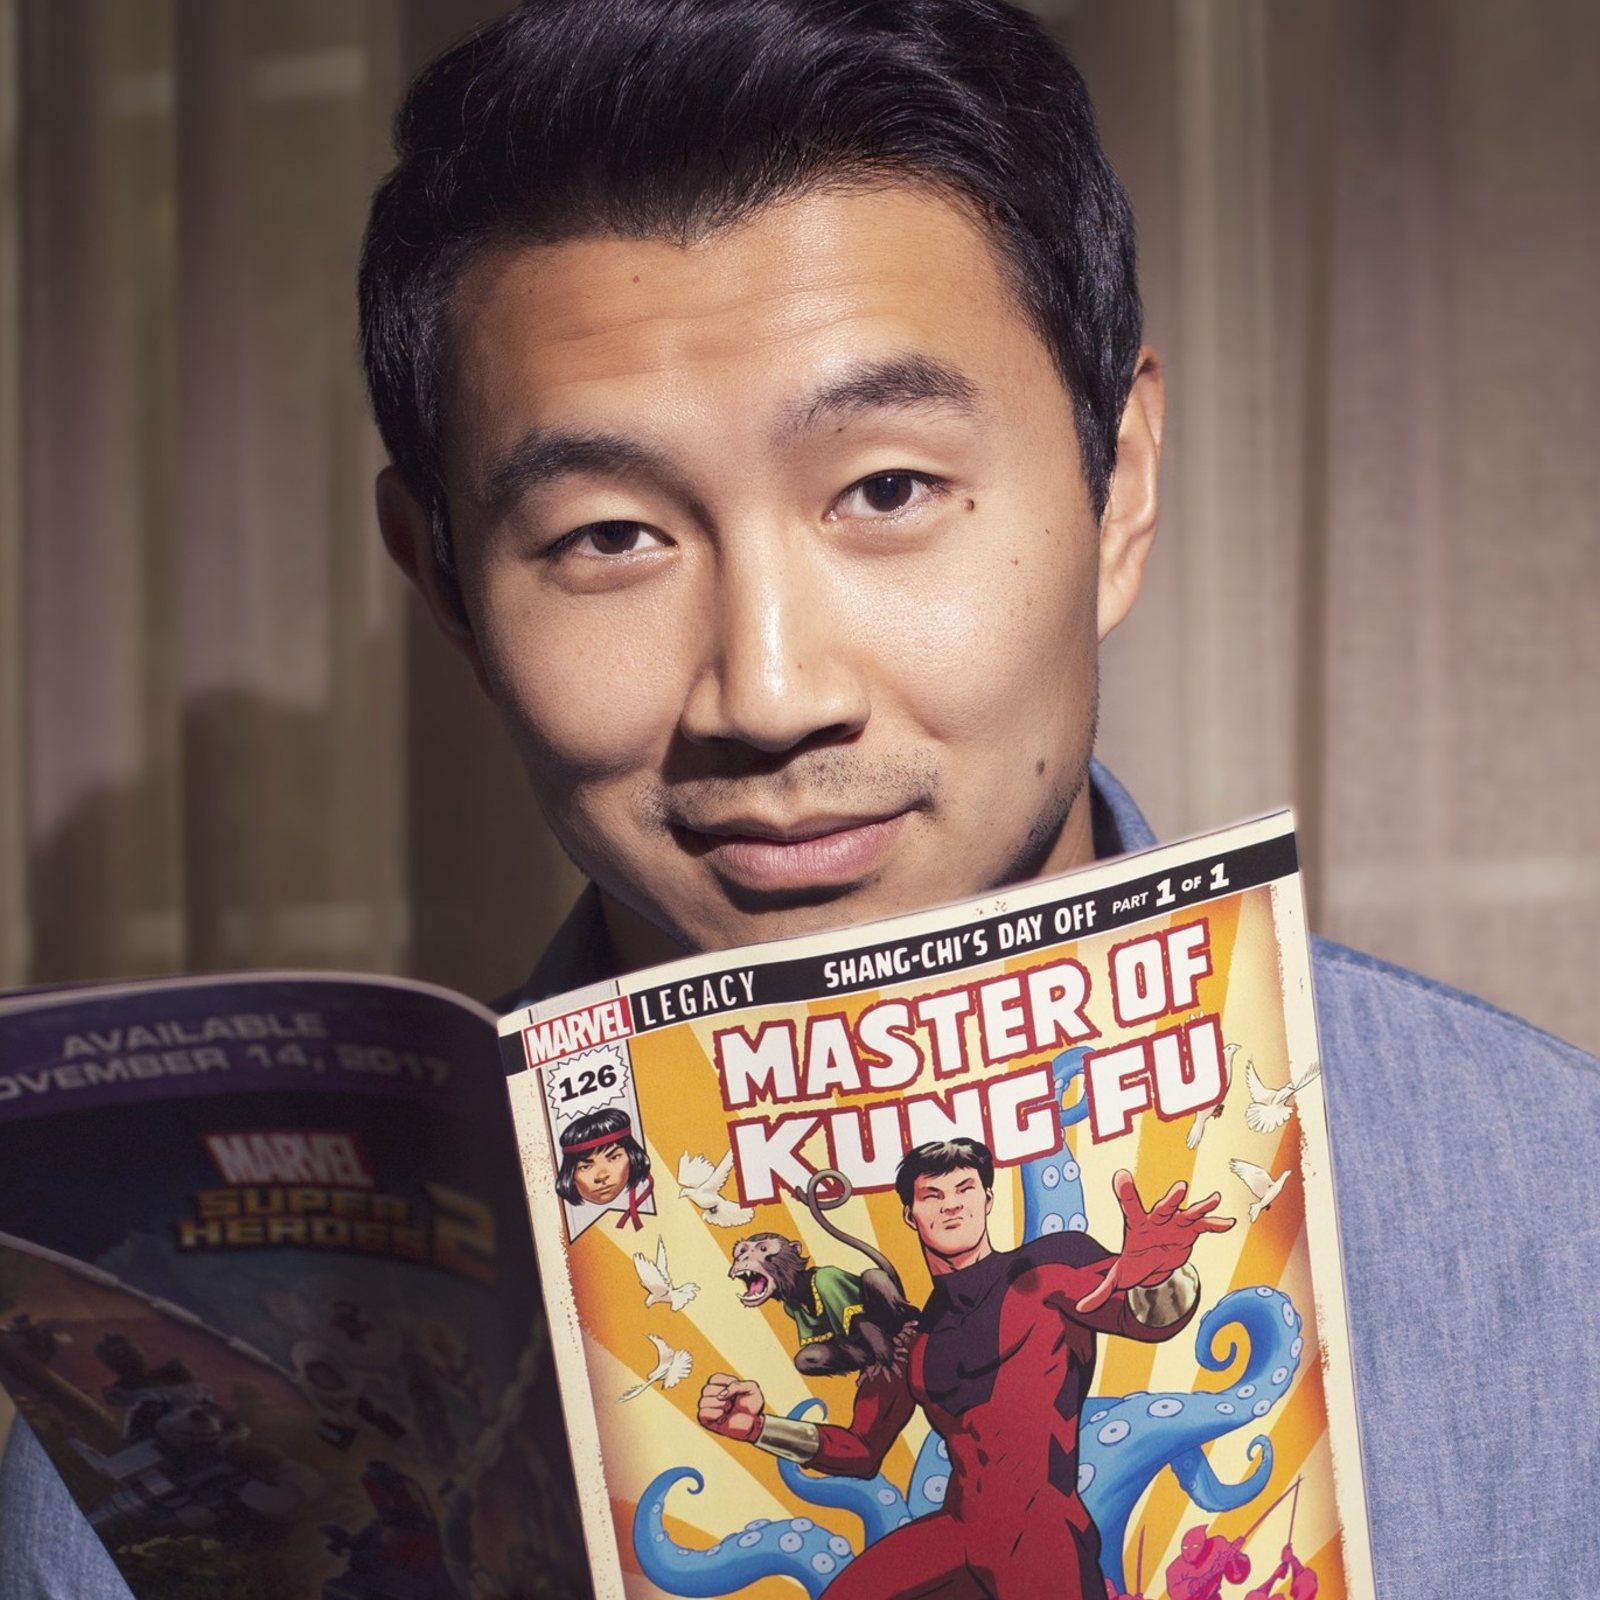 Shang-Chi' de Marvel para la producción y su director se aísla por posible  caso de coronavirus - eCartelera